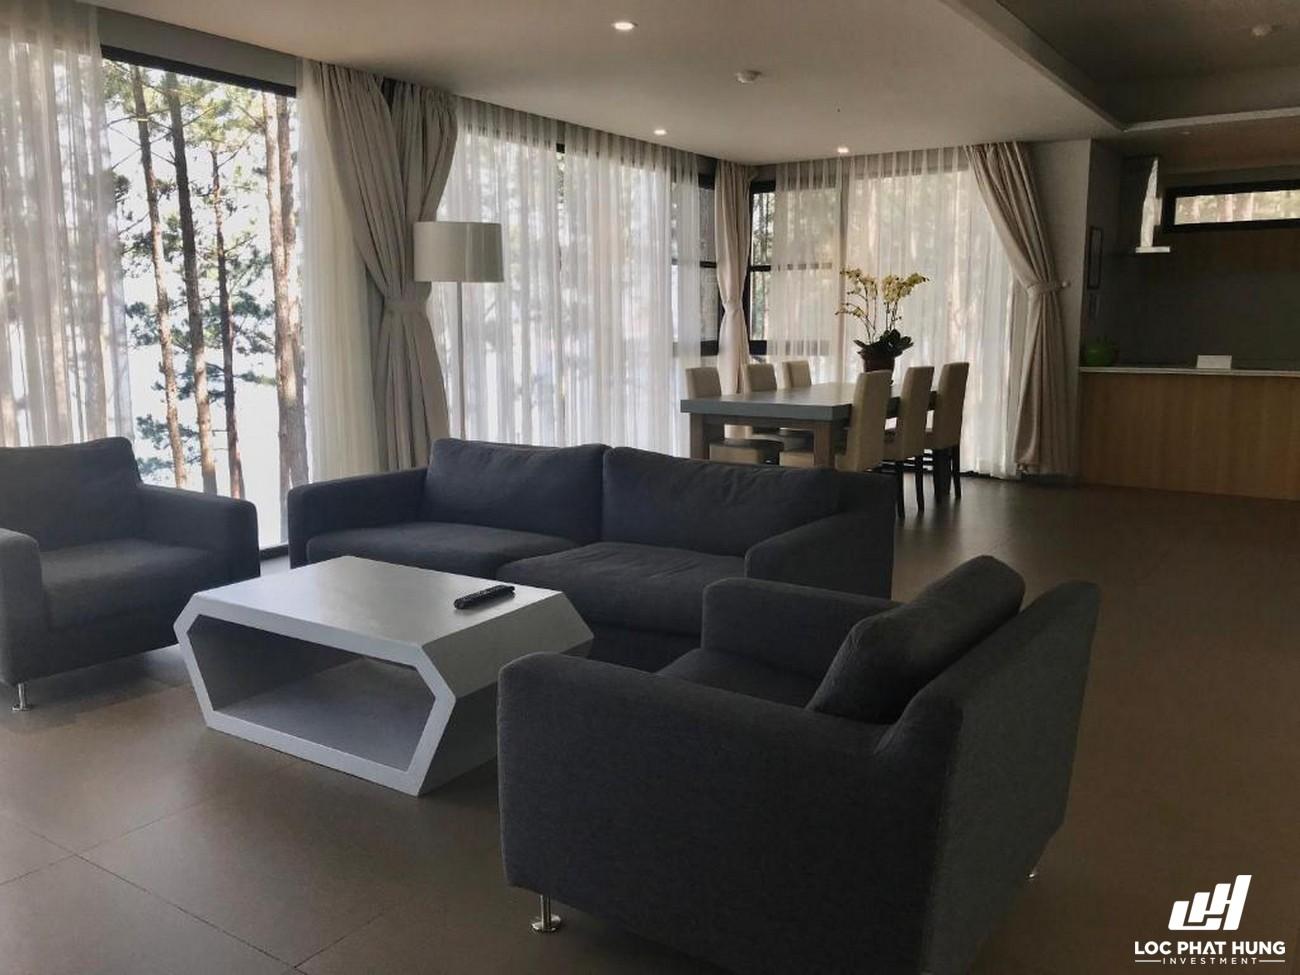 Hạng phòng biệt thự 3PN Resort Terracotta Hotel & Resort Dalat Phường 3 Đường 19 Hoa Hồng